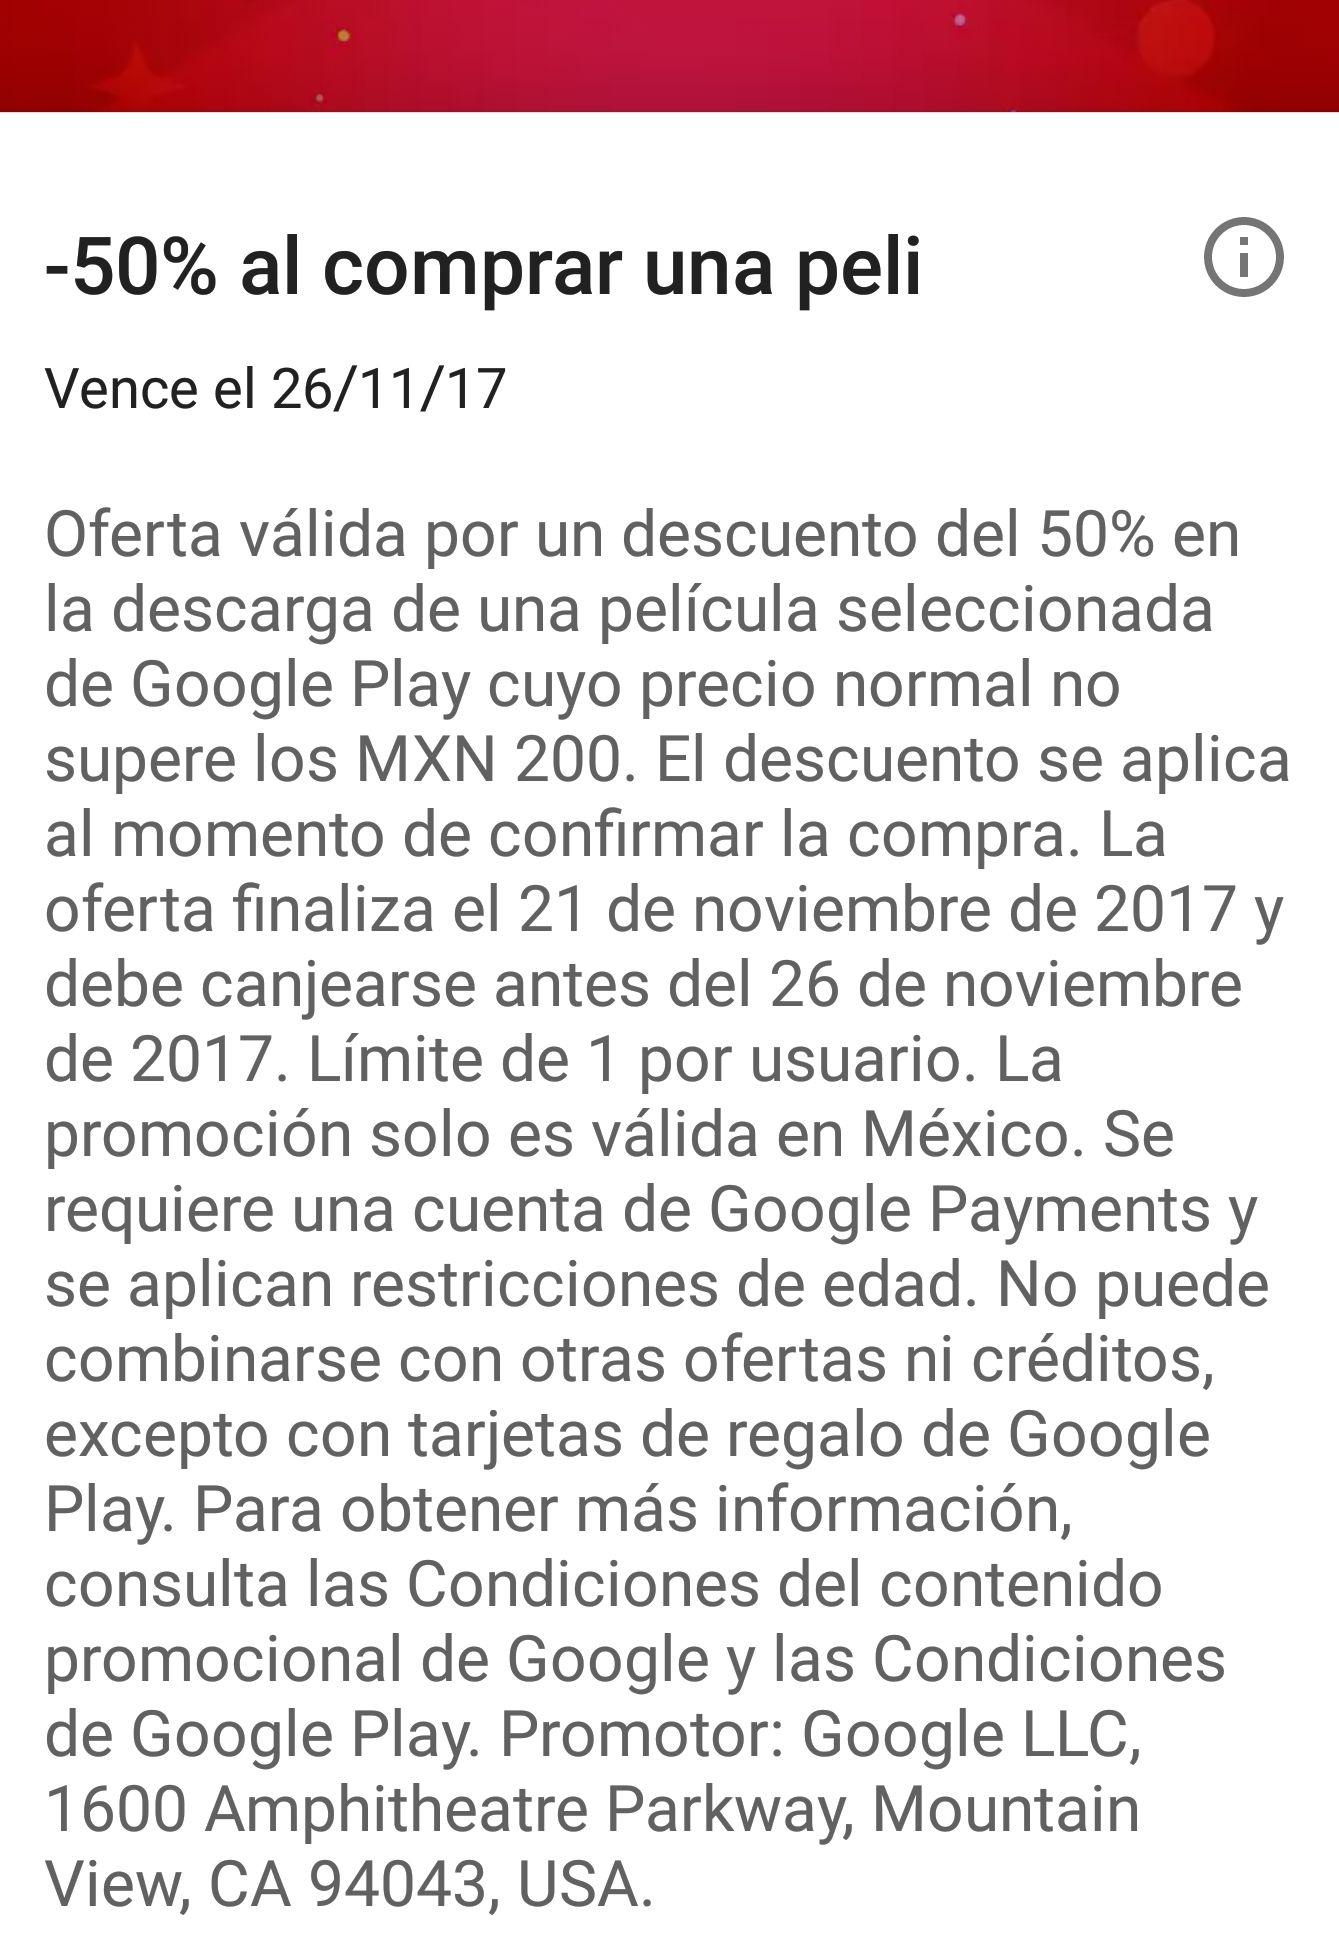 Google Play: 50% de descuenta al comprar una película de valor menos a $200 pesos